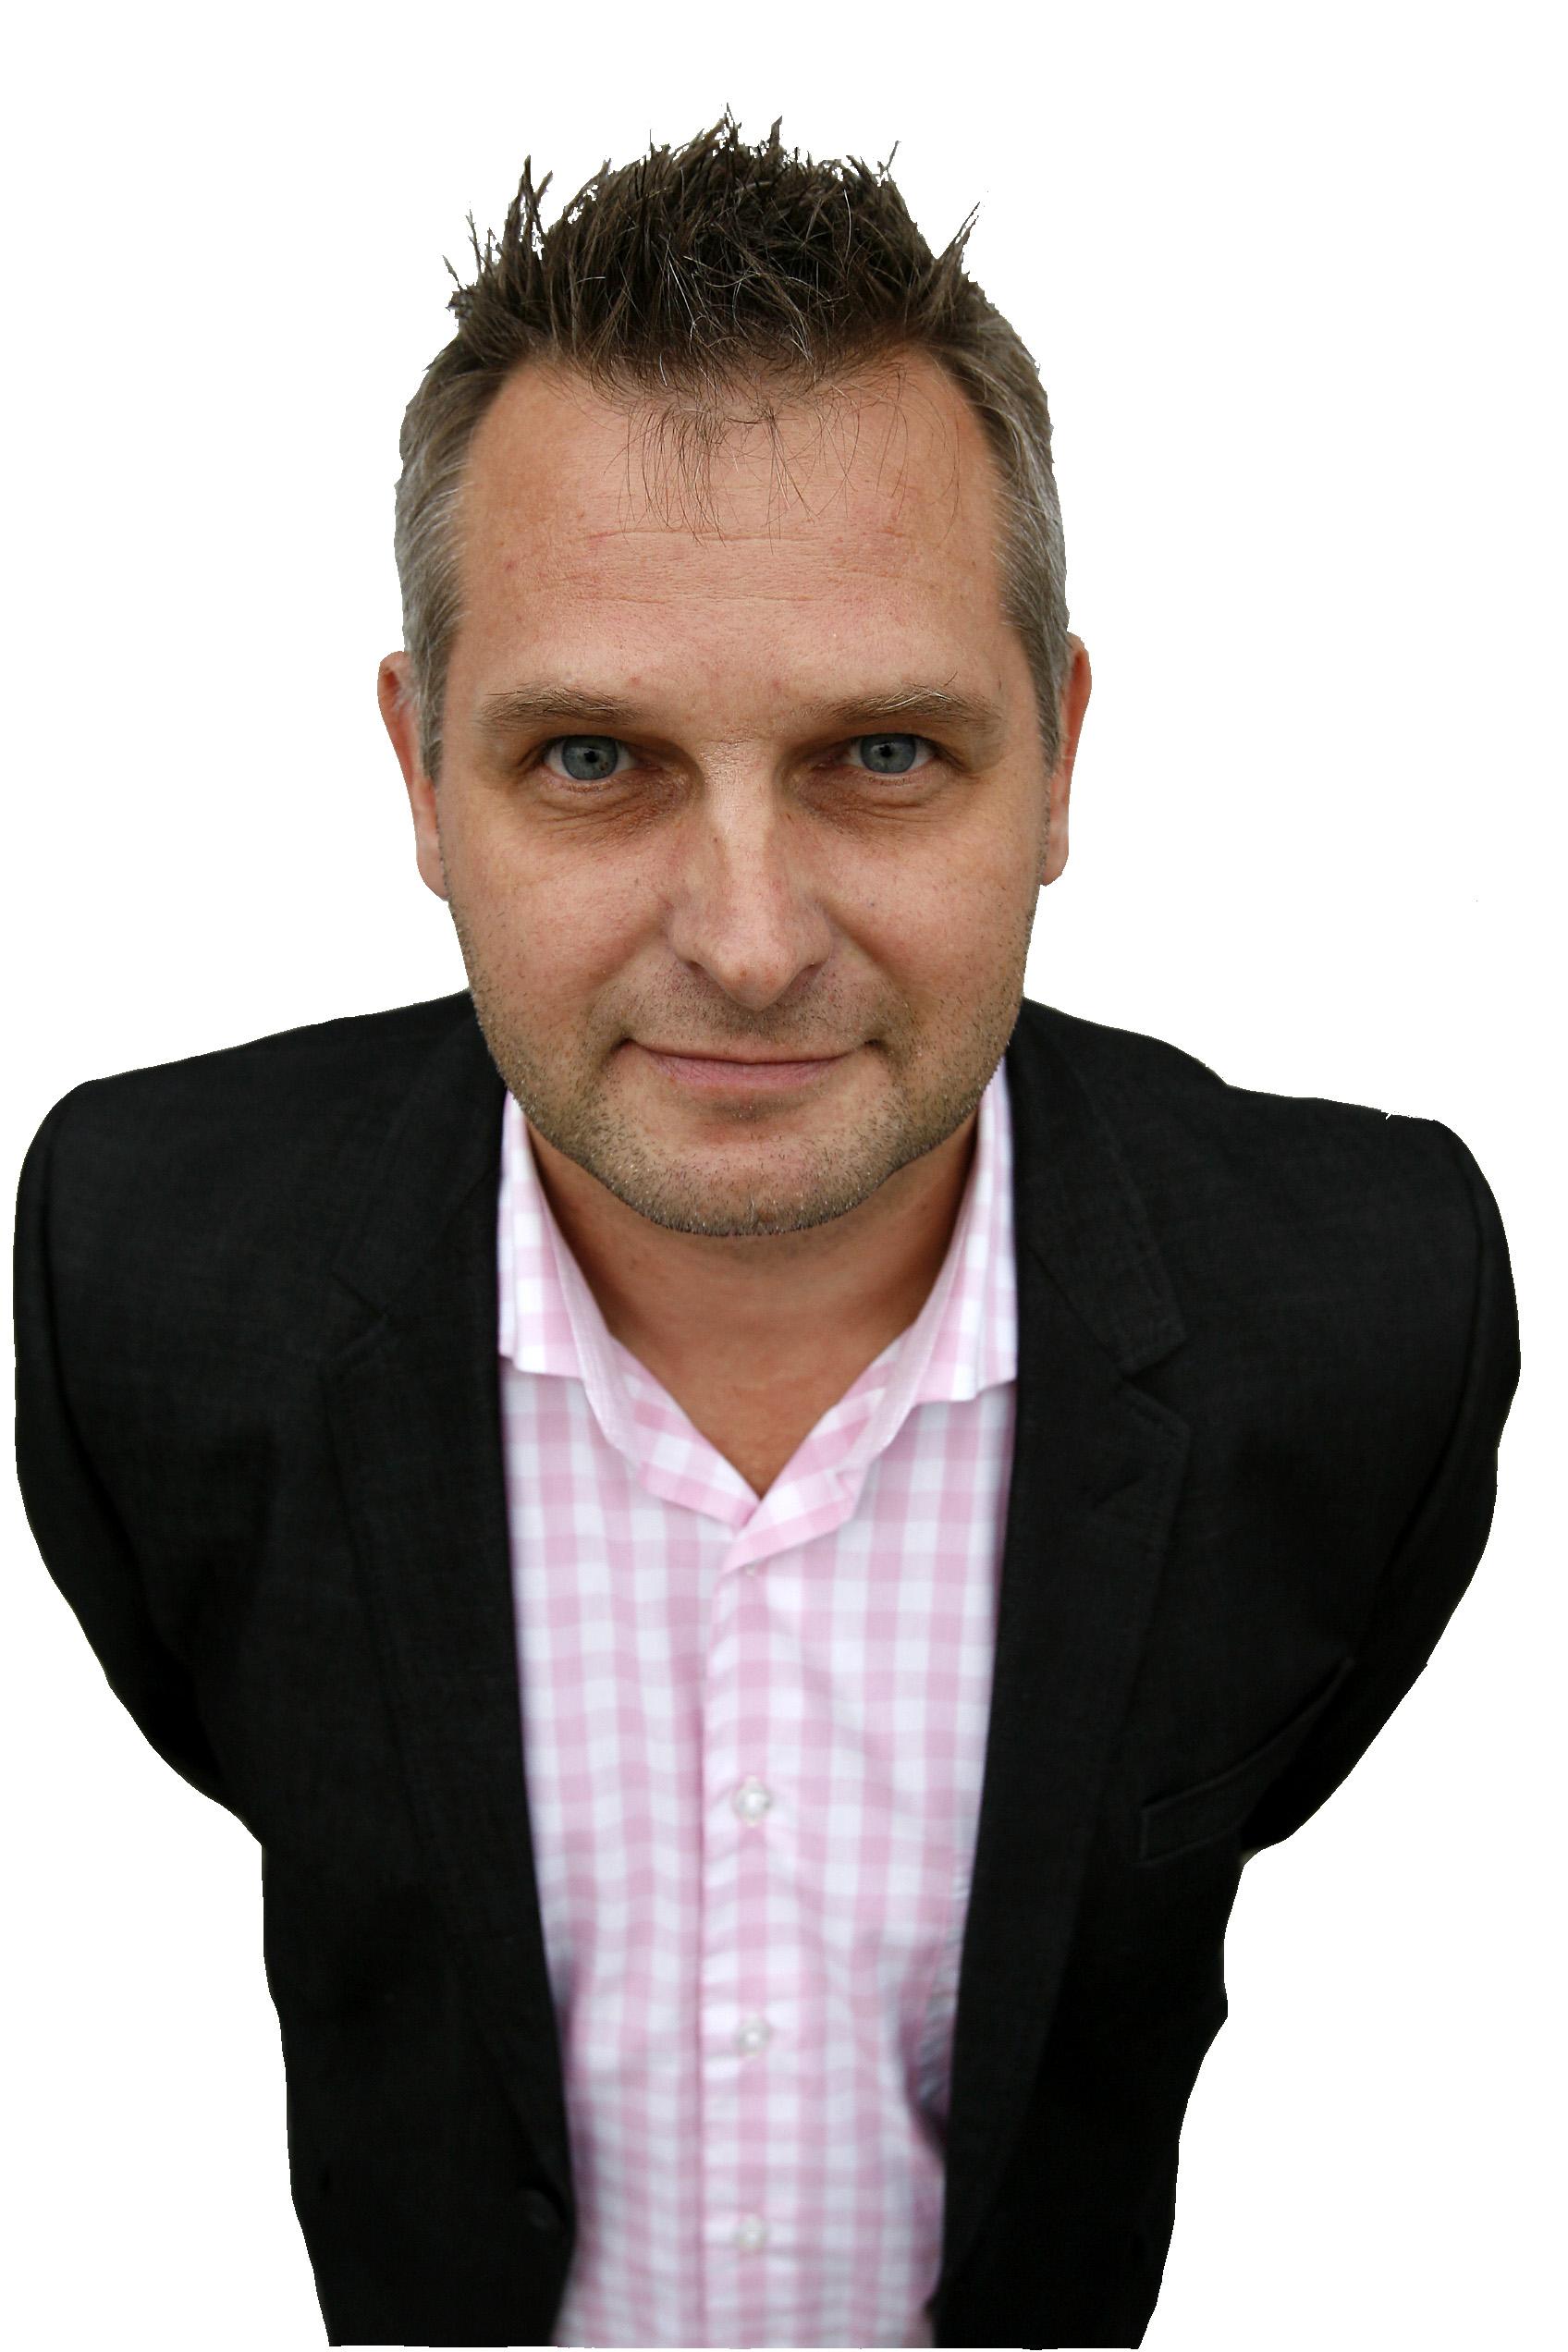 Juha Lehtonen - tarjouslaskenta, myyntipuh.0400607042juha.lehtonen@putkiaivot.fi